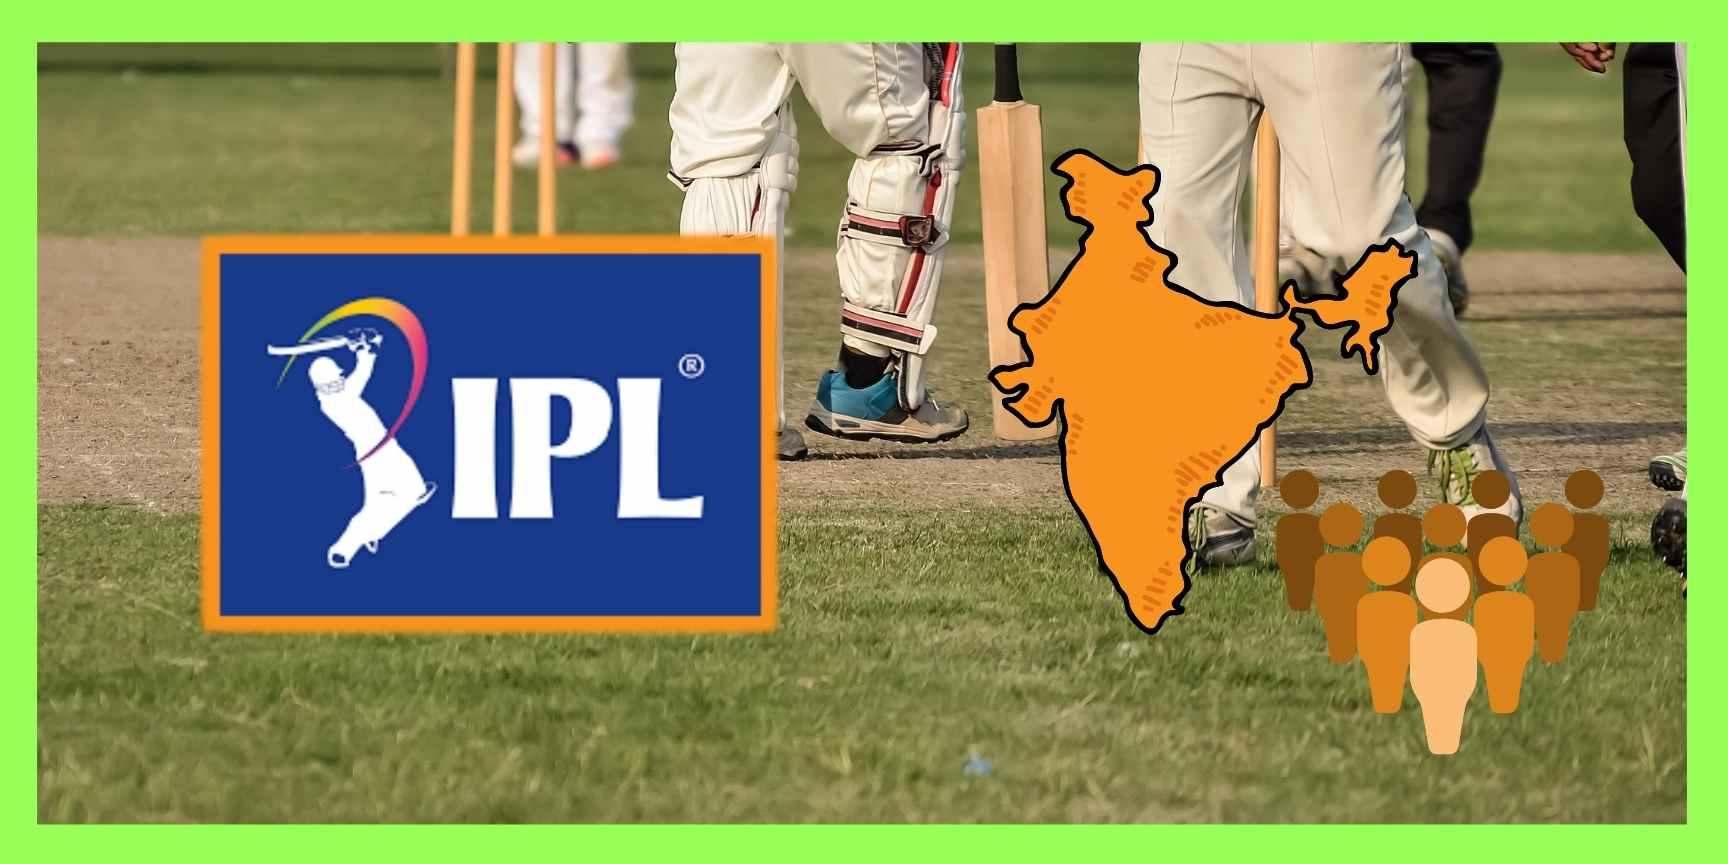 IPL popularity in India